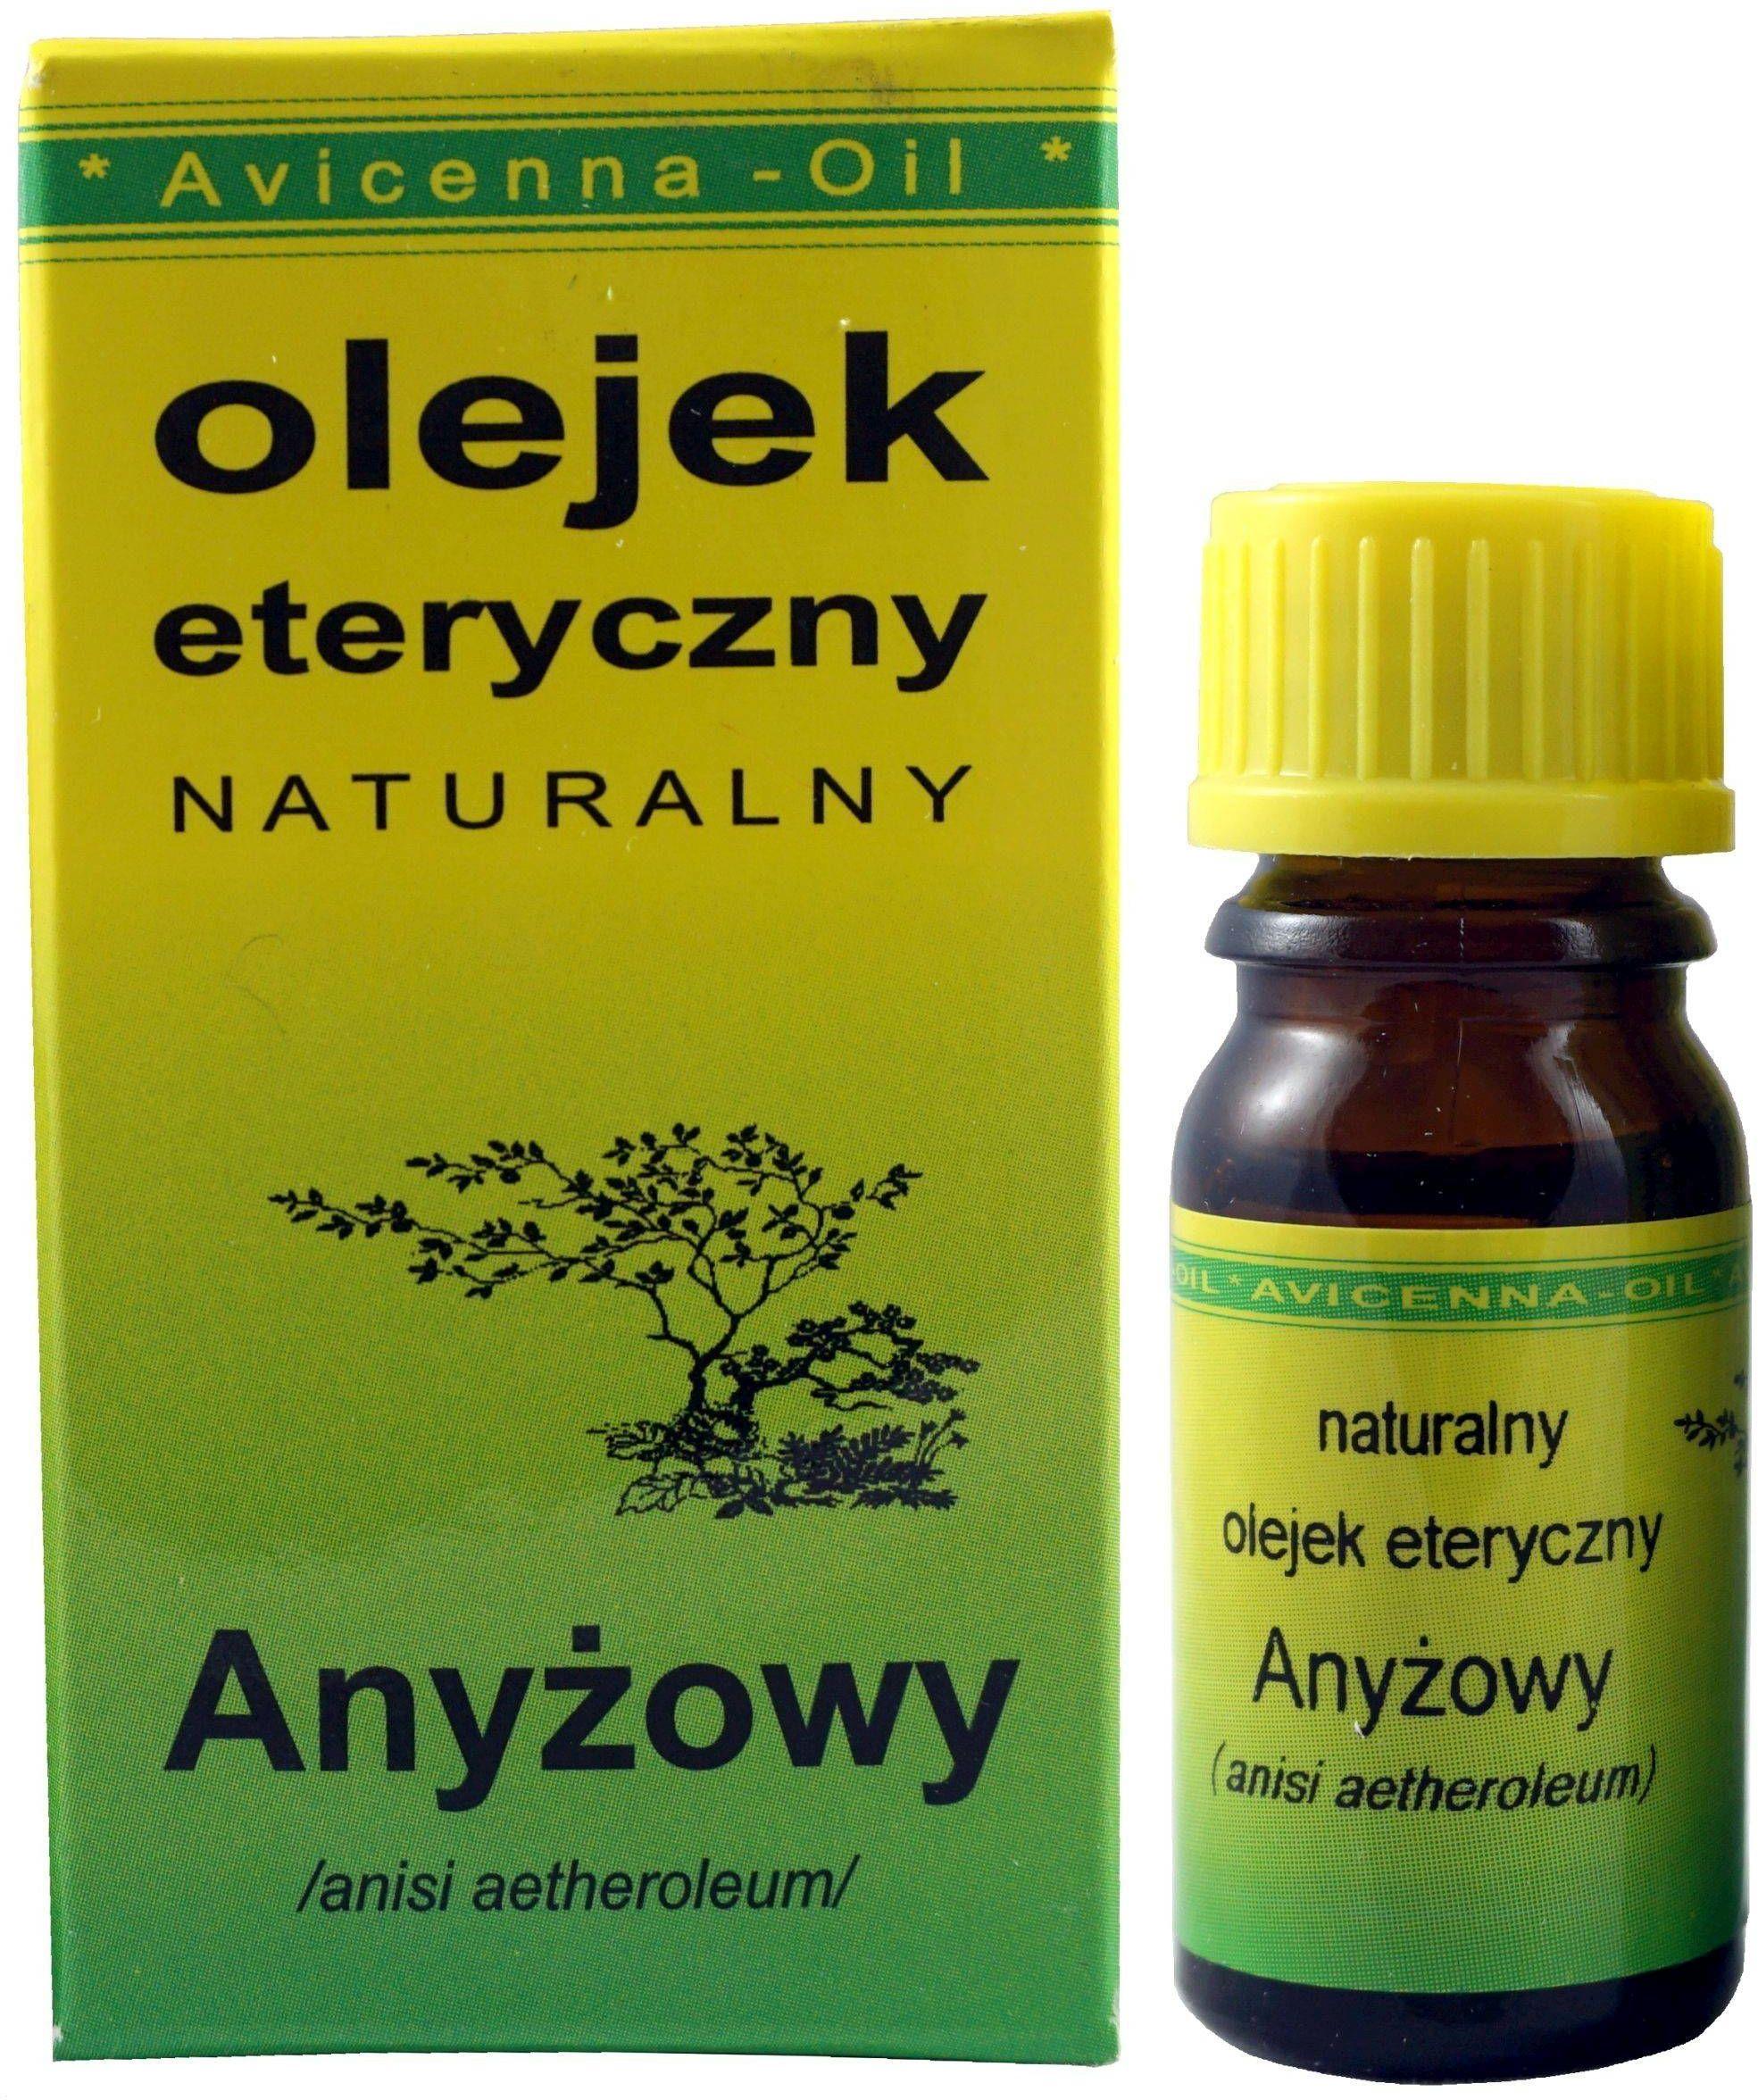 Olejek eteryczny Anyżowy - 7ml - Avicenna Oil